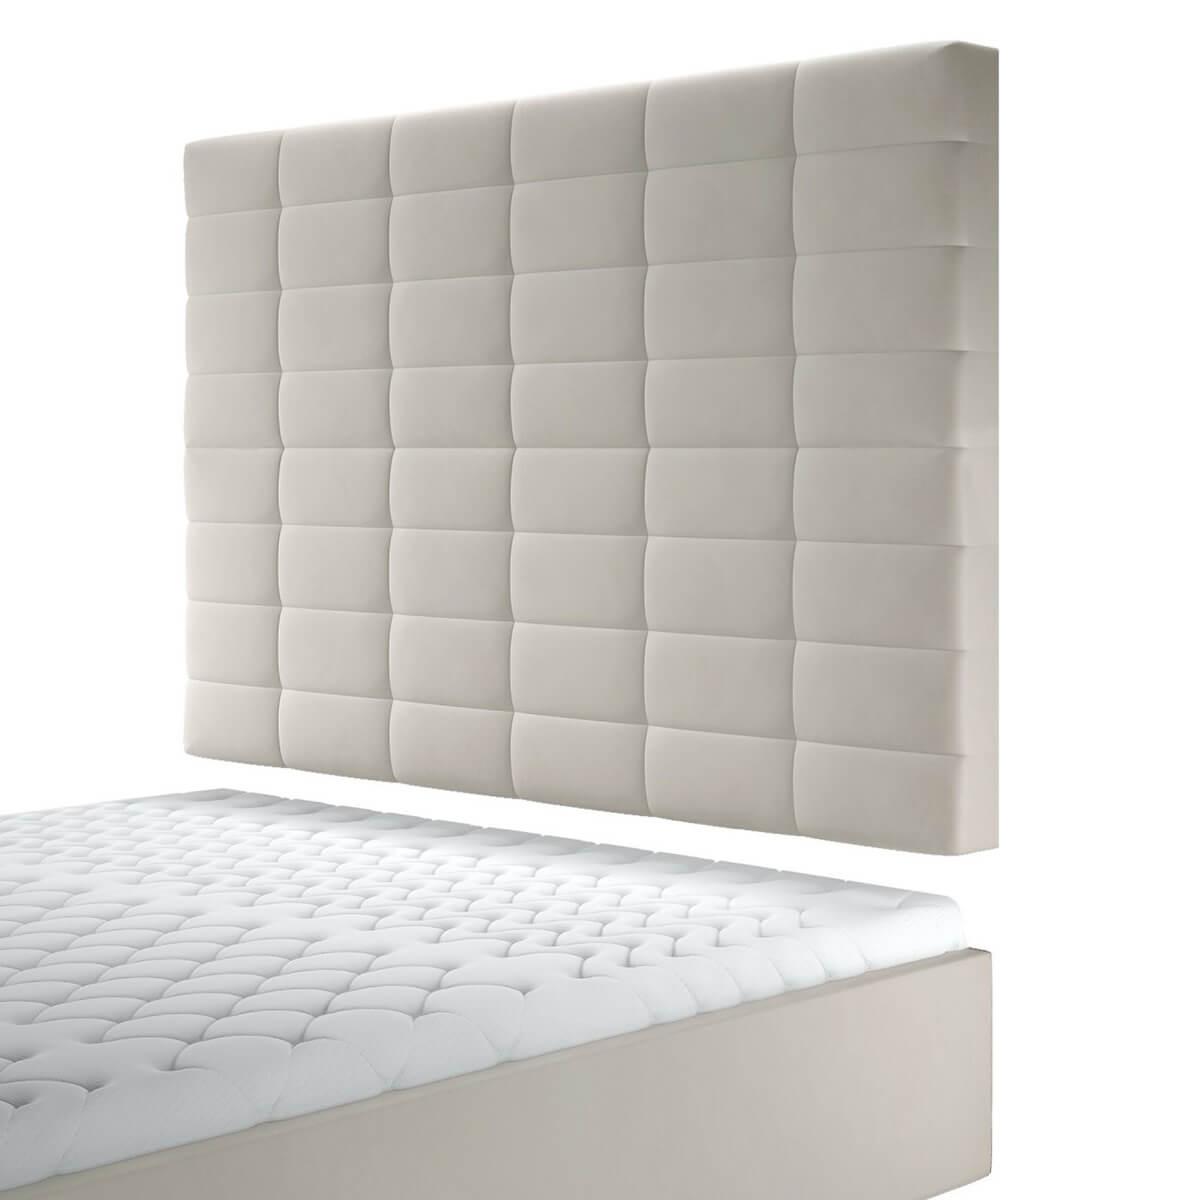 Висок стенен панел за тапицирано легло, модел ZPW-031